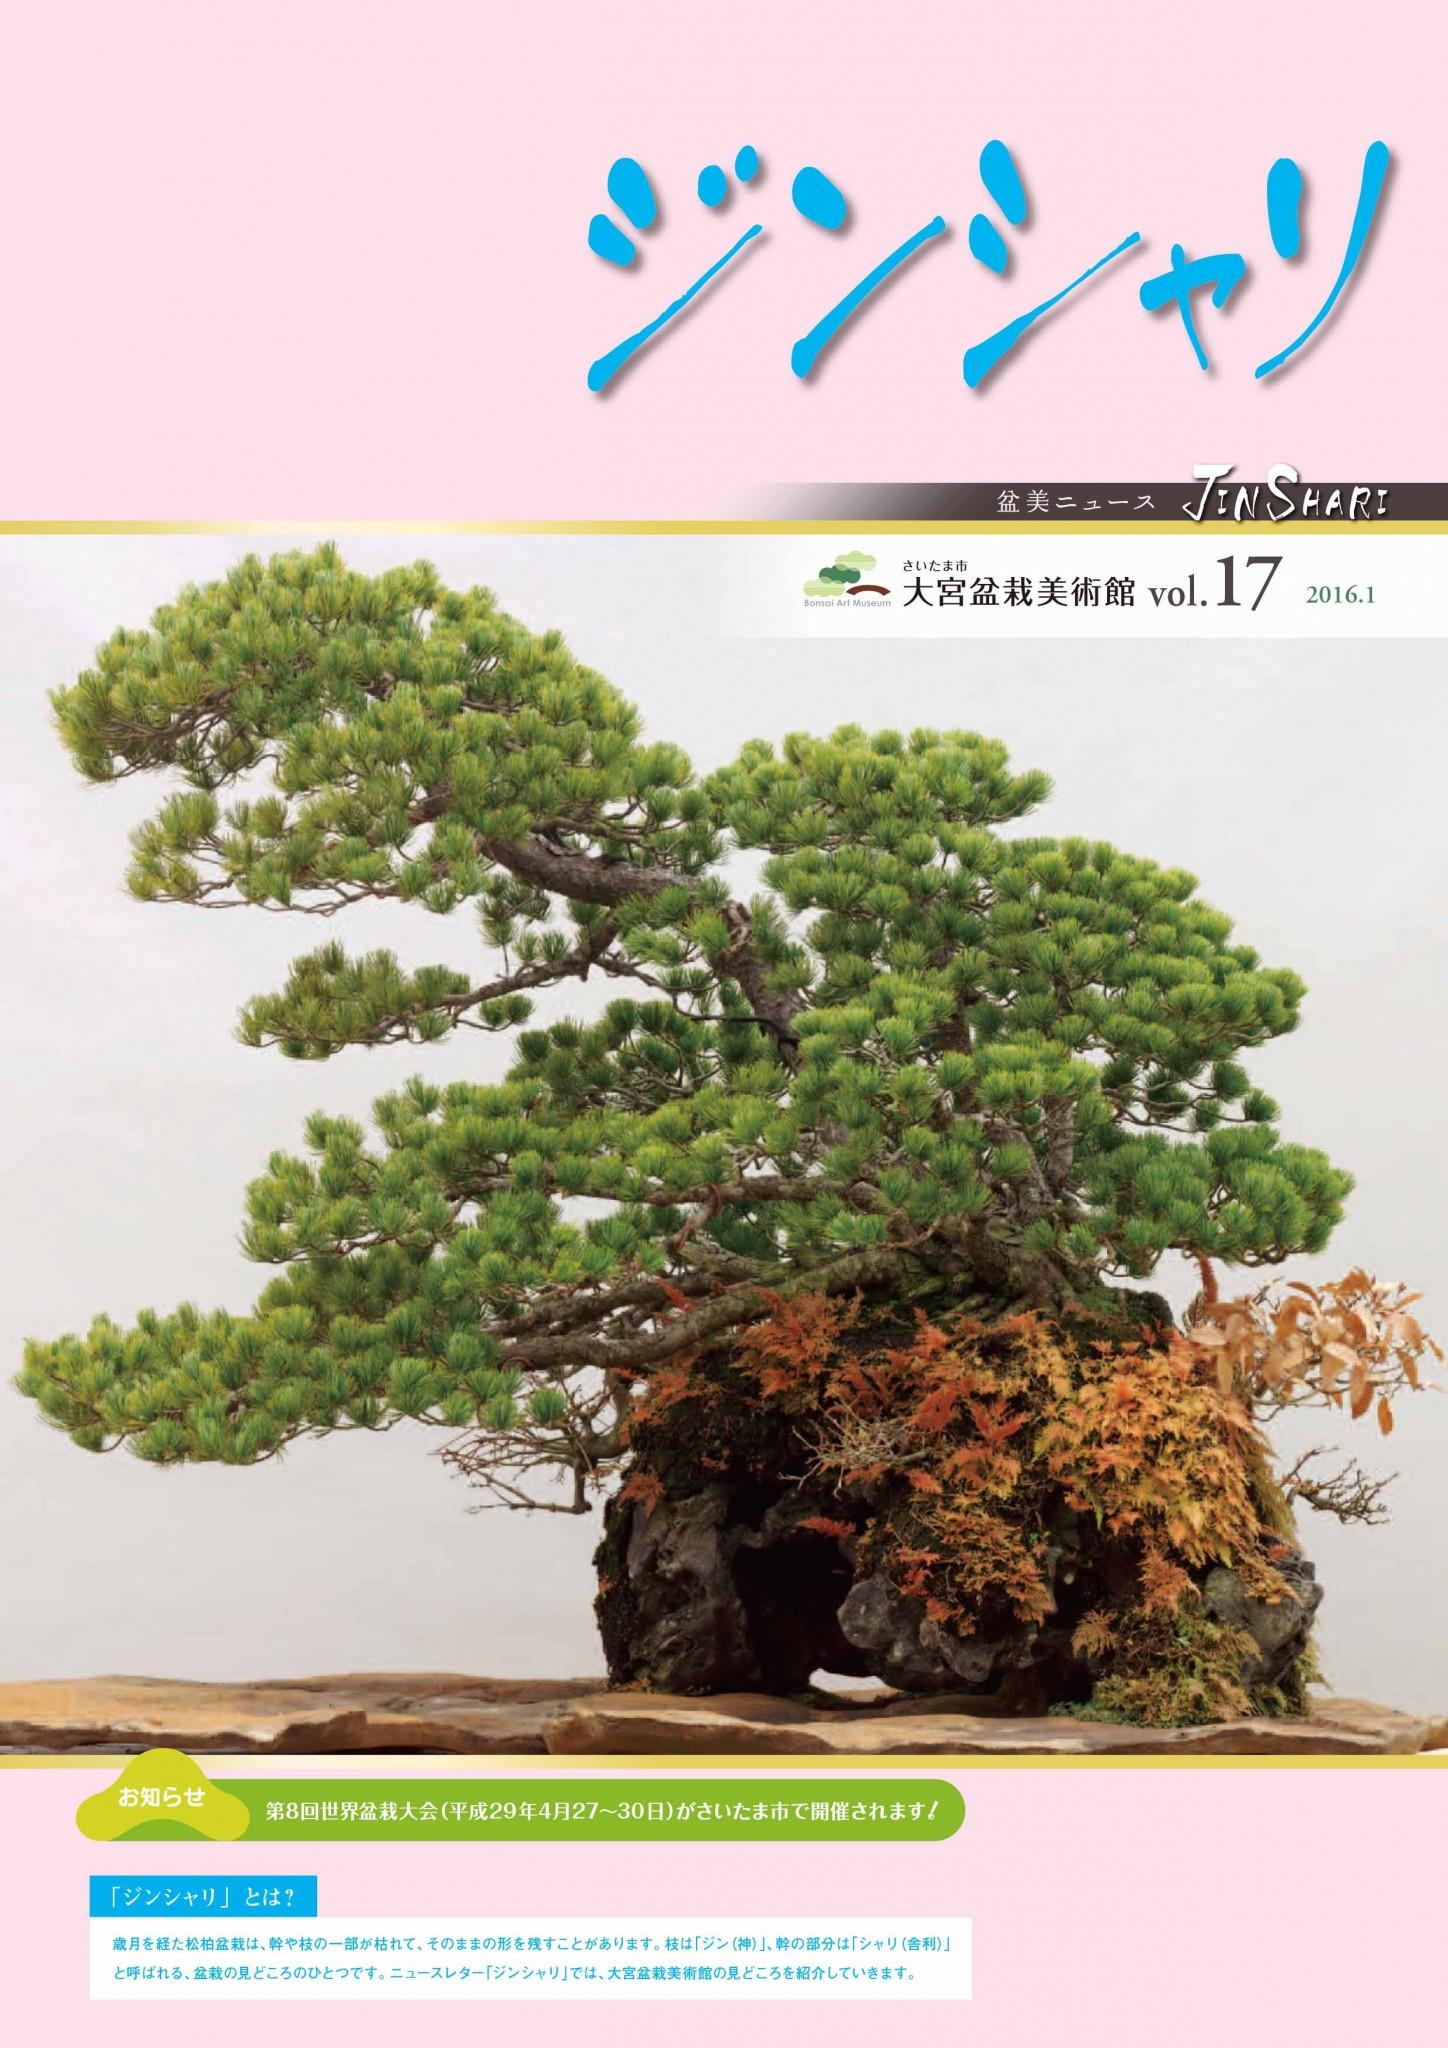 Jinshari Vol.17